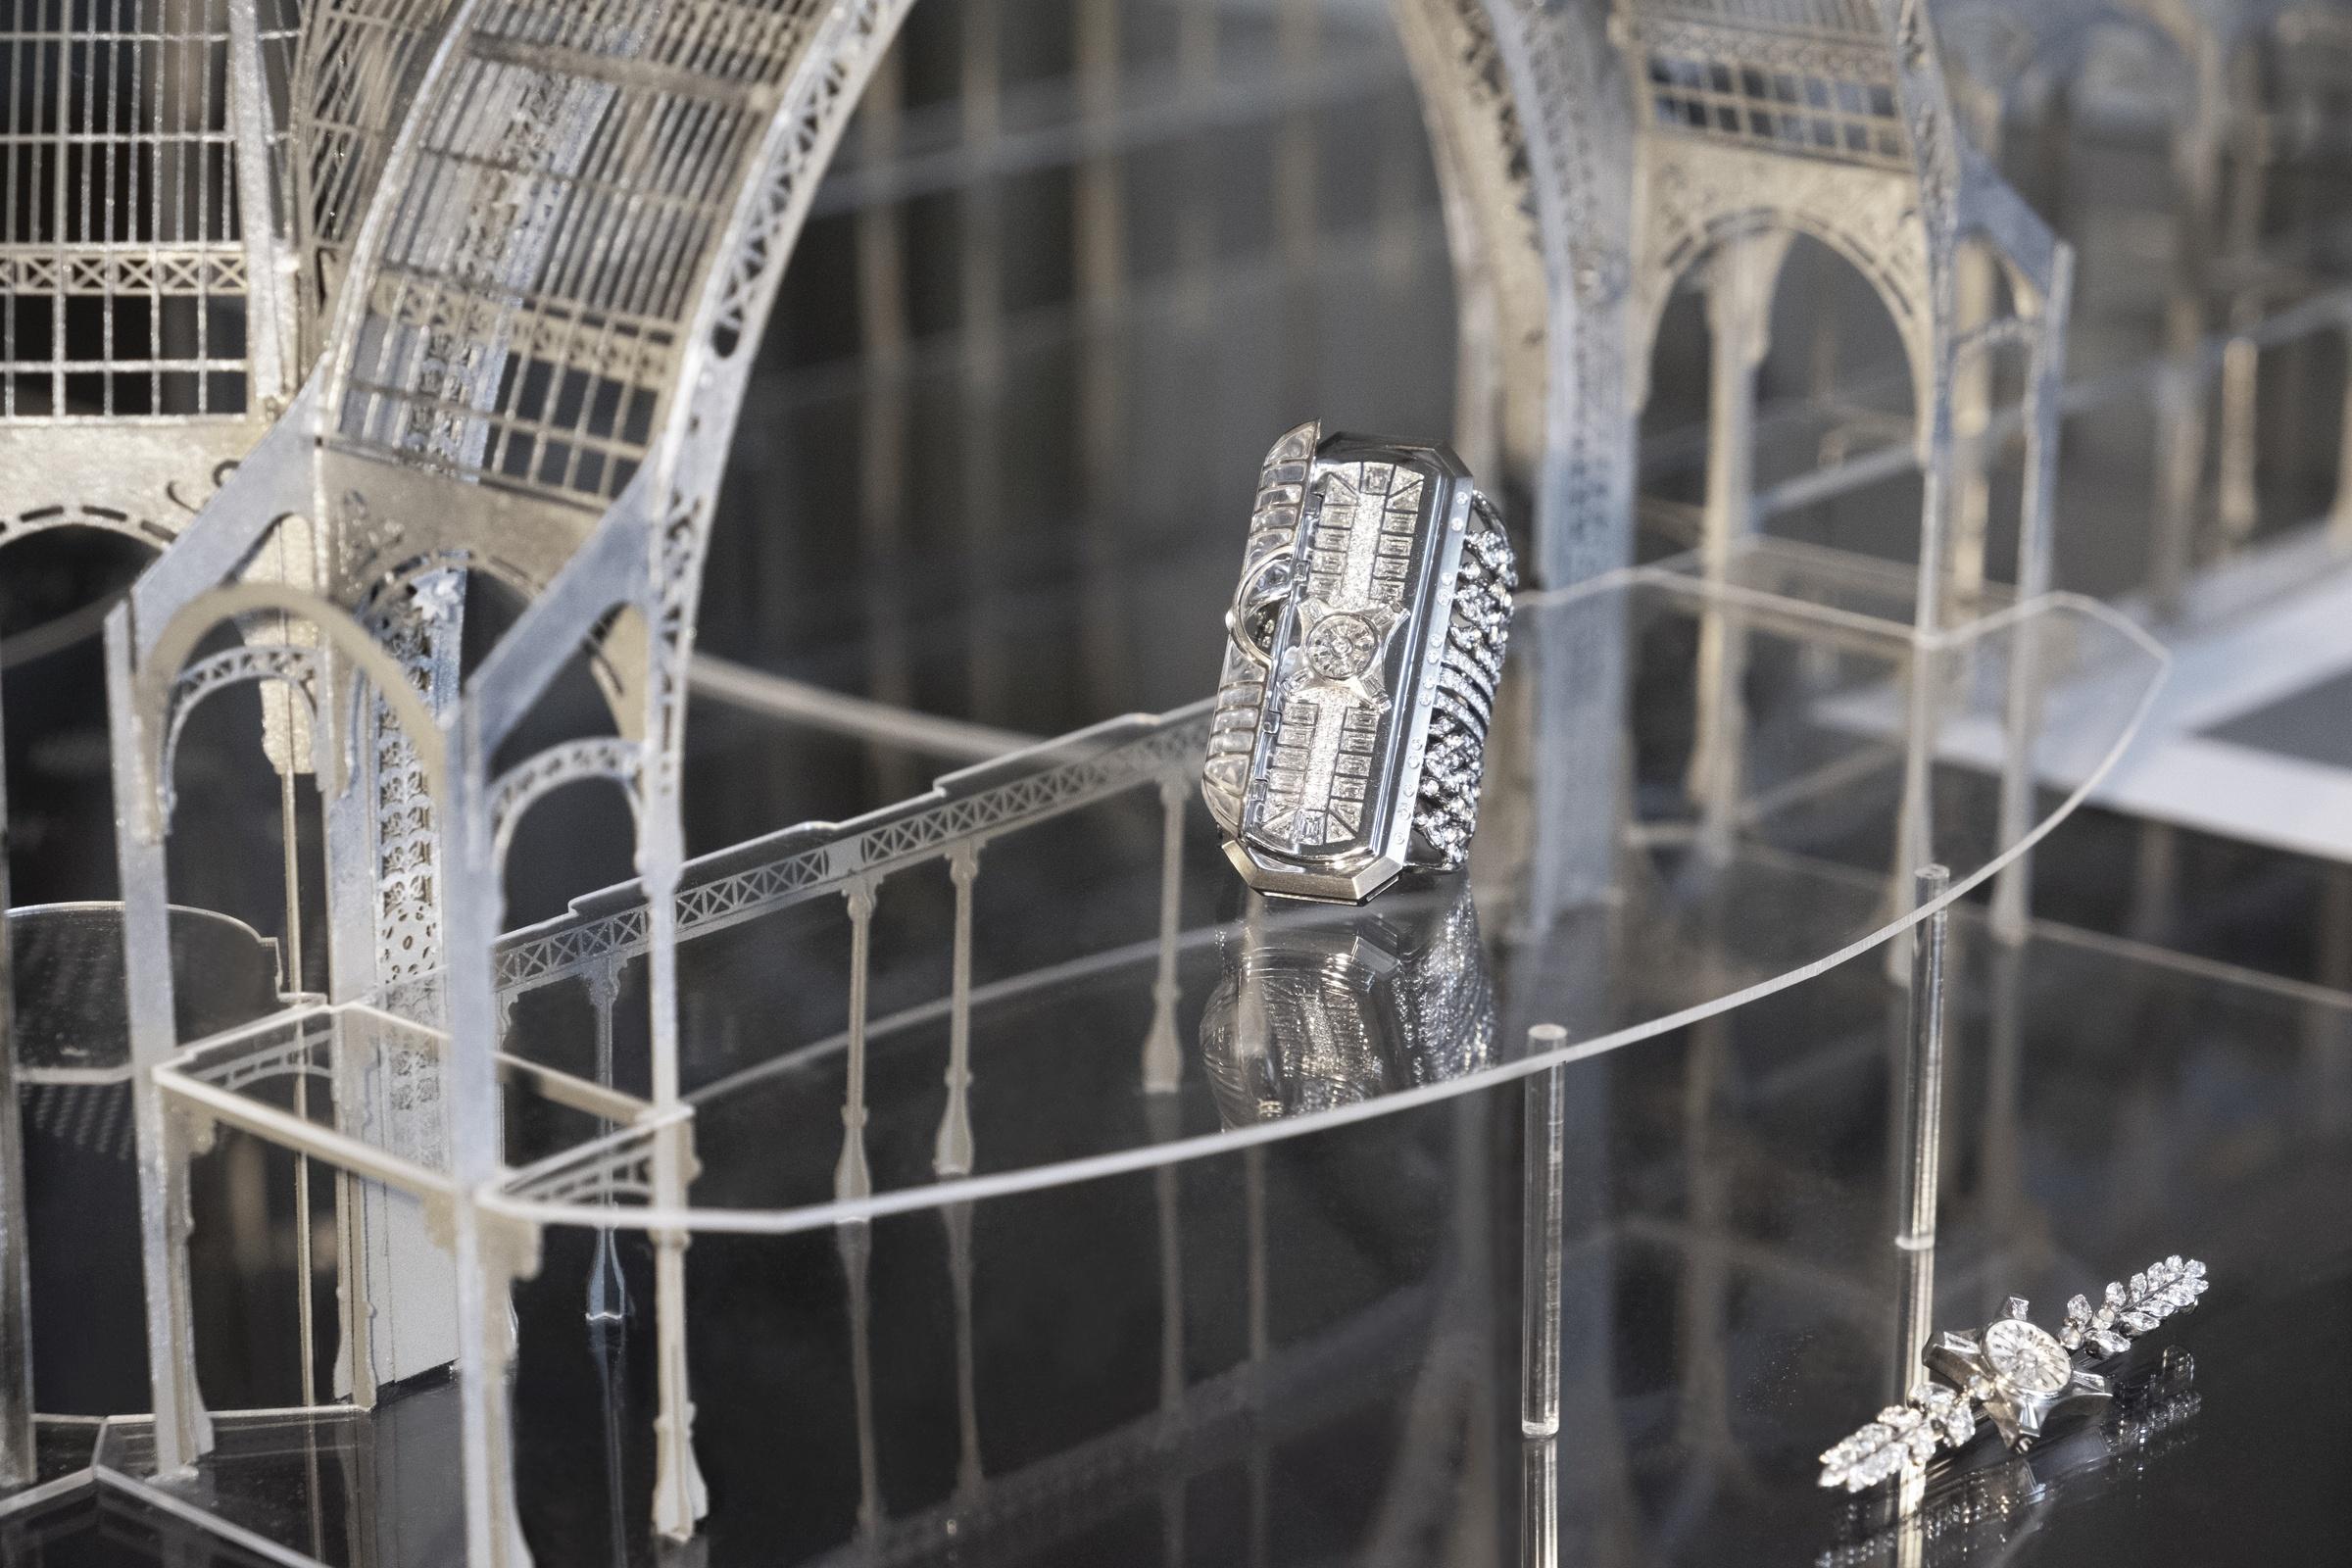 La Verrière - Mise en scène dans une maquette à échelle 1/250è - Irène - Paris Le Grand Palais - Haute Joaillerie - Architecture - Scénographie